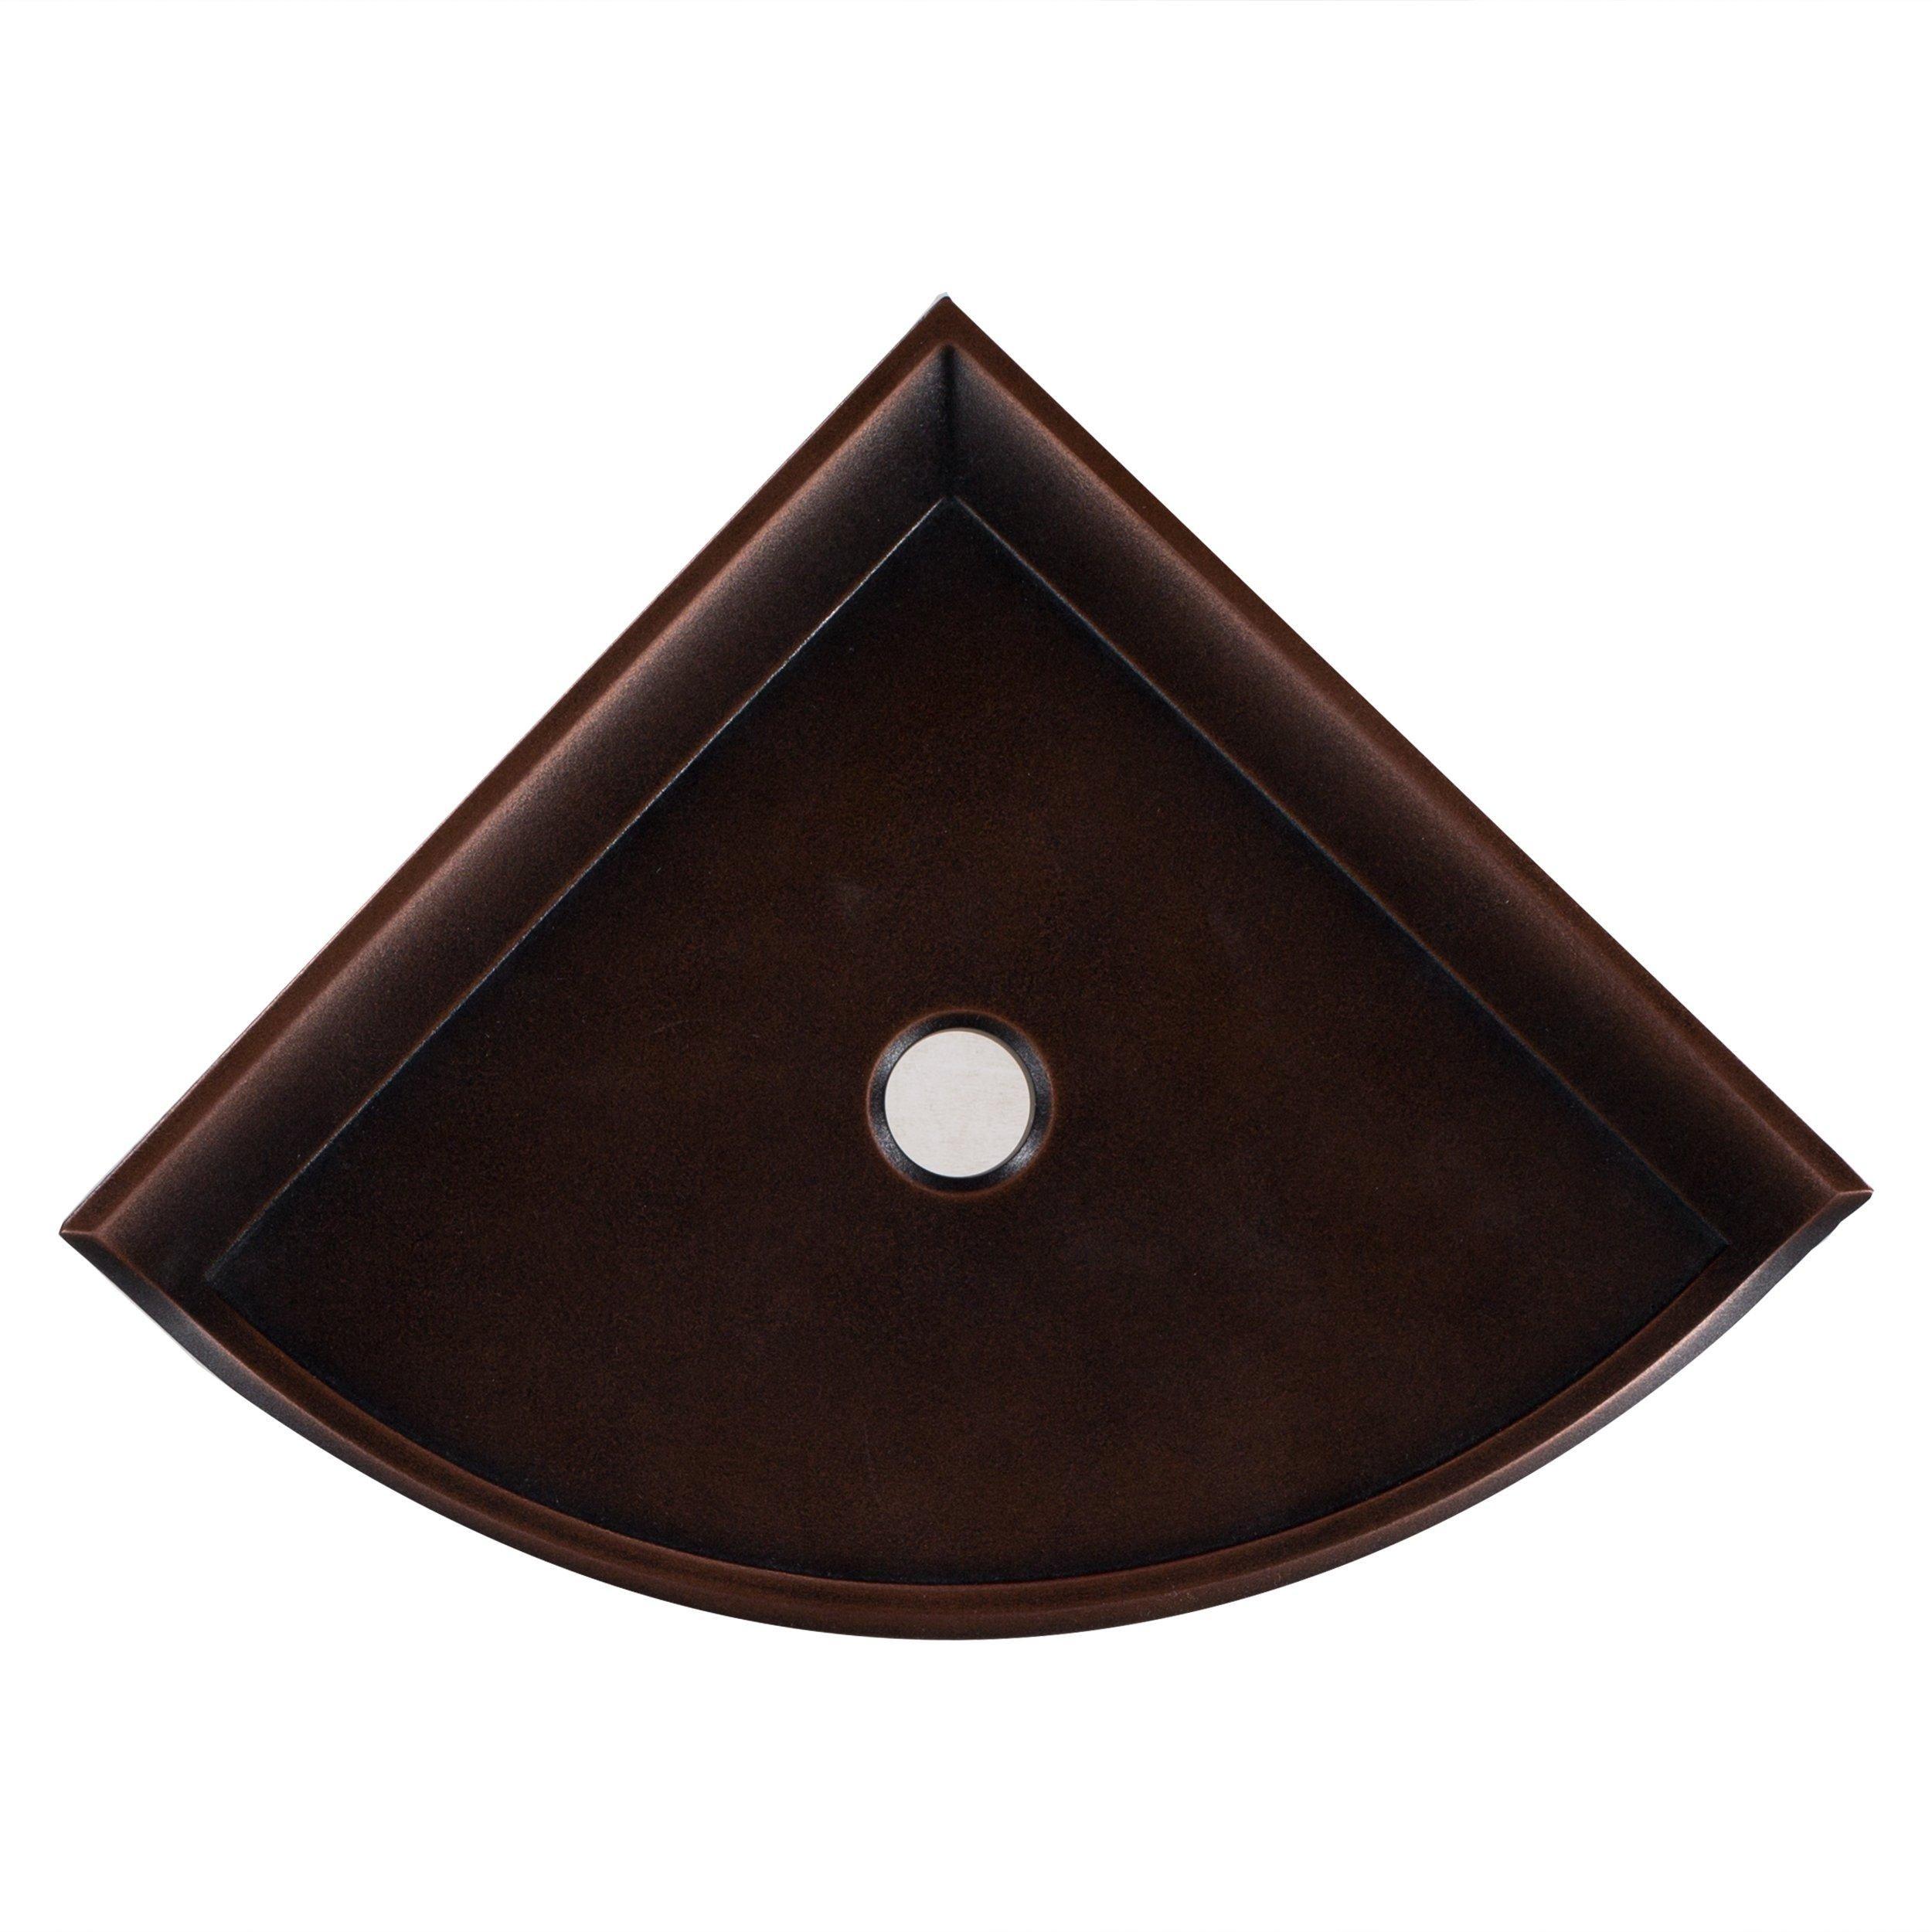 Oil Rubbed Bronze Decorative Corner Shelf In 2020 Oil Rubbed